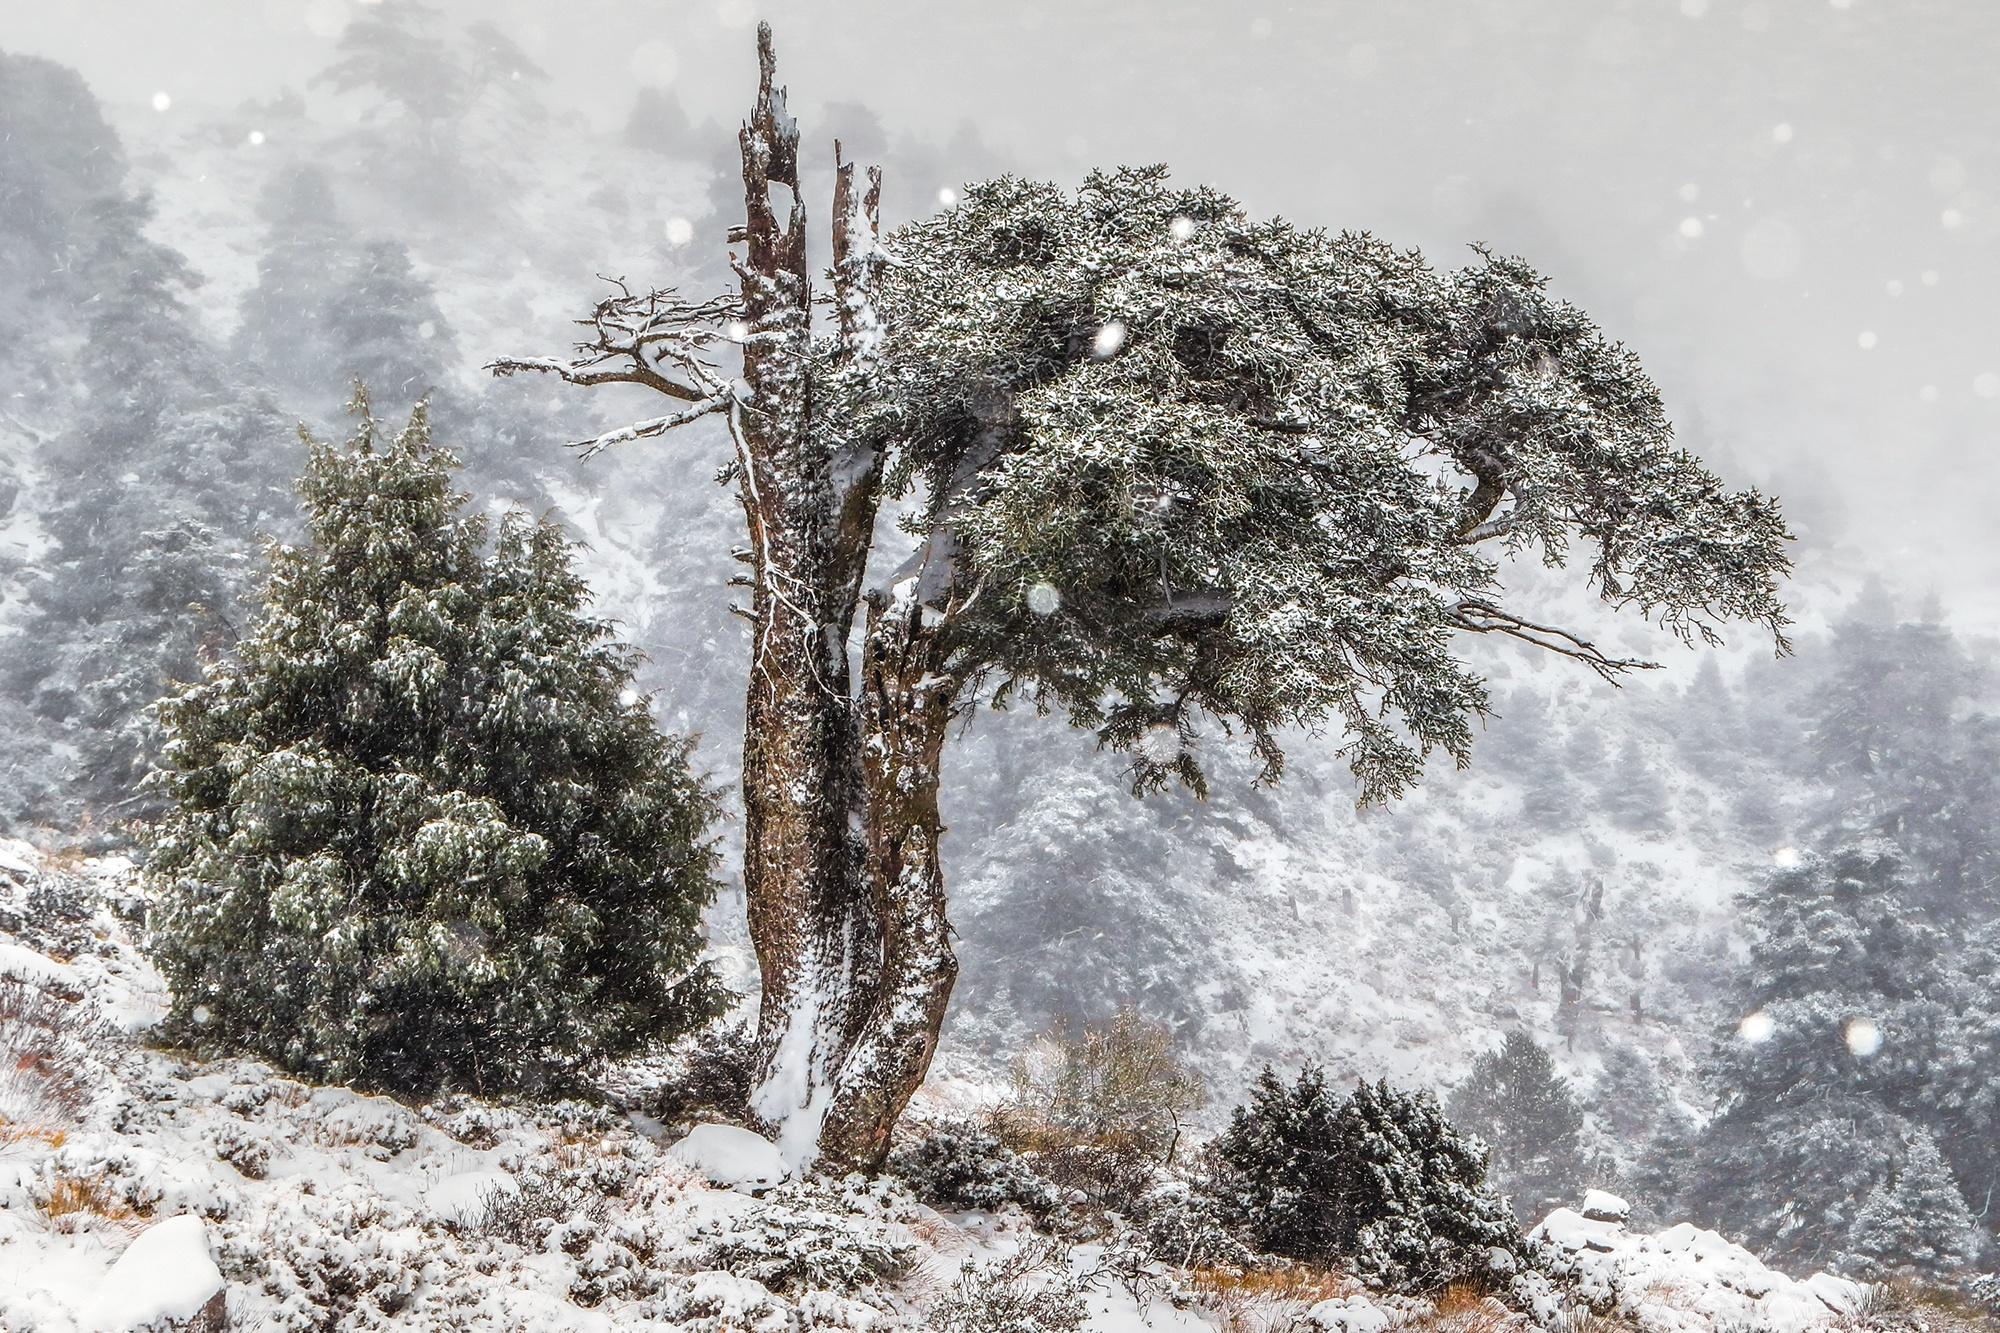 CHRISTMAS TREE - Manuel Enrique Gonzalez - Manuel Enrique Gonzalez Carmona - Portfolio Natural